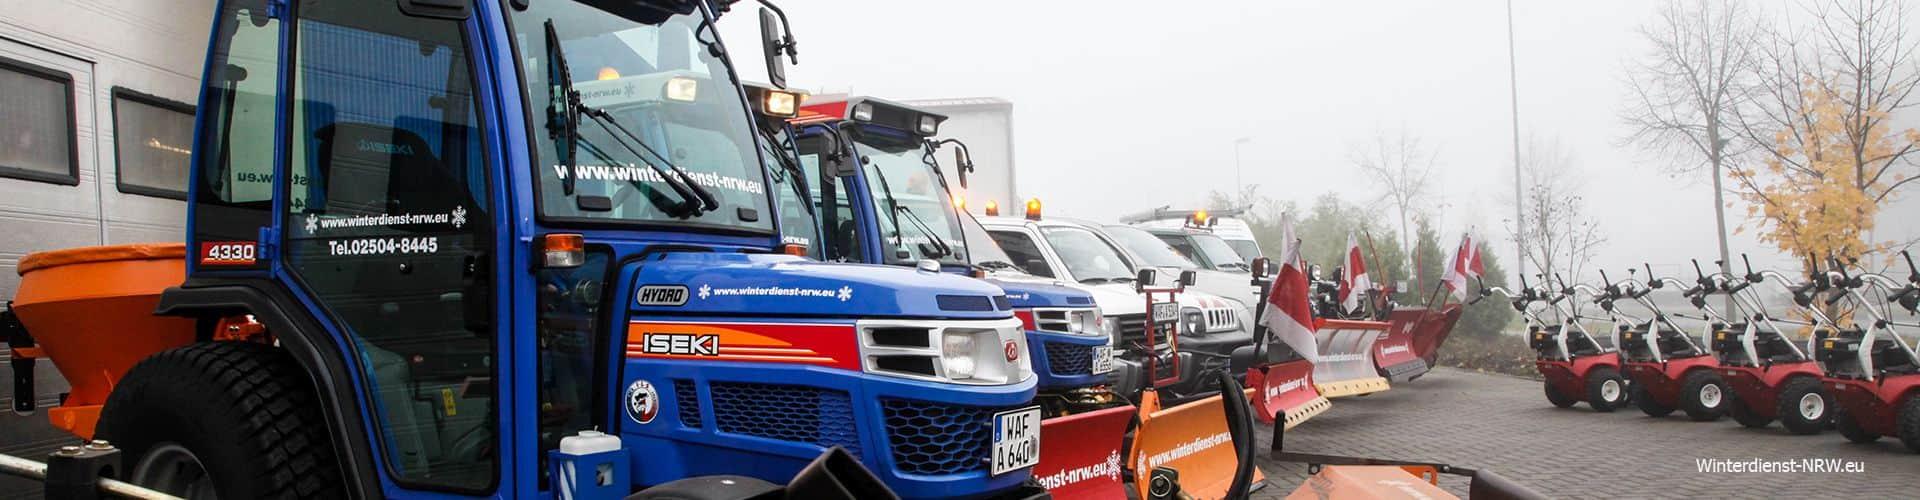 Winterdienst NRW Schneeräumung